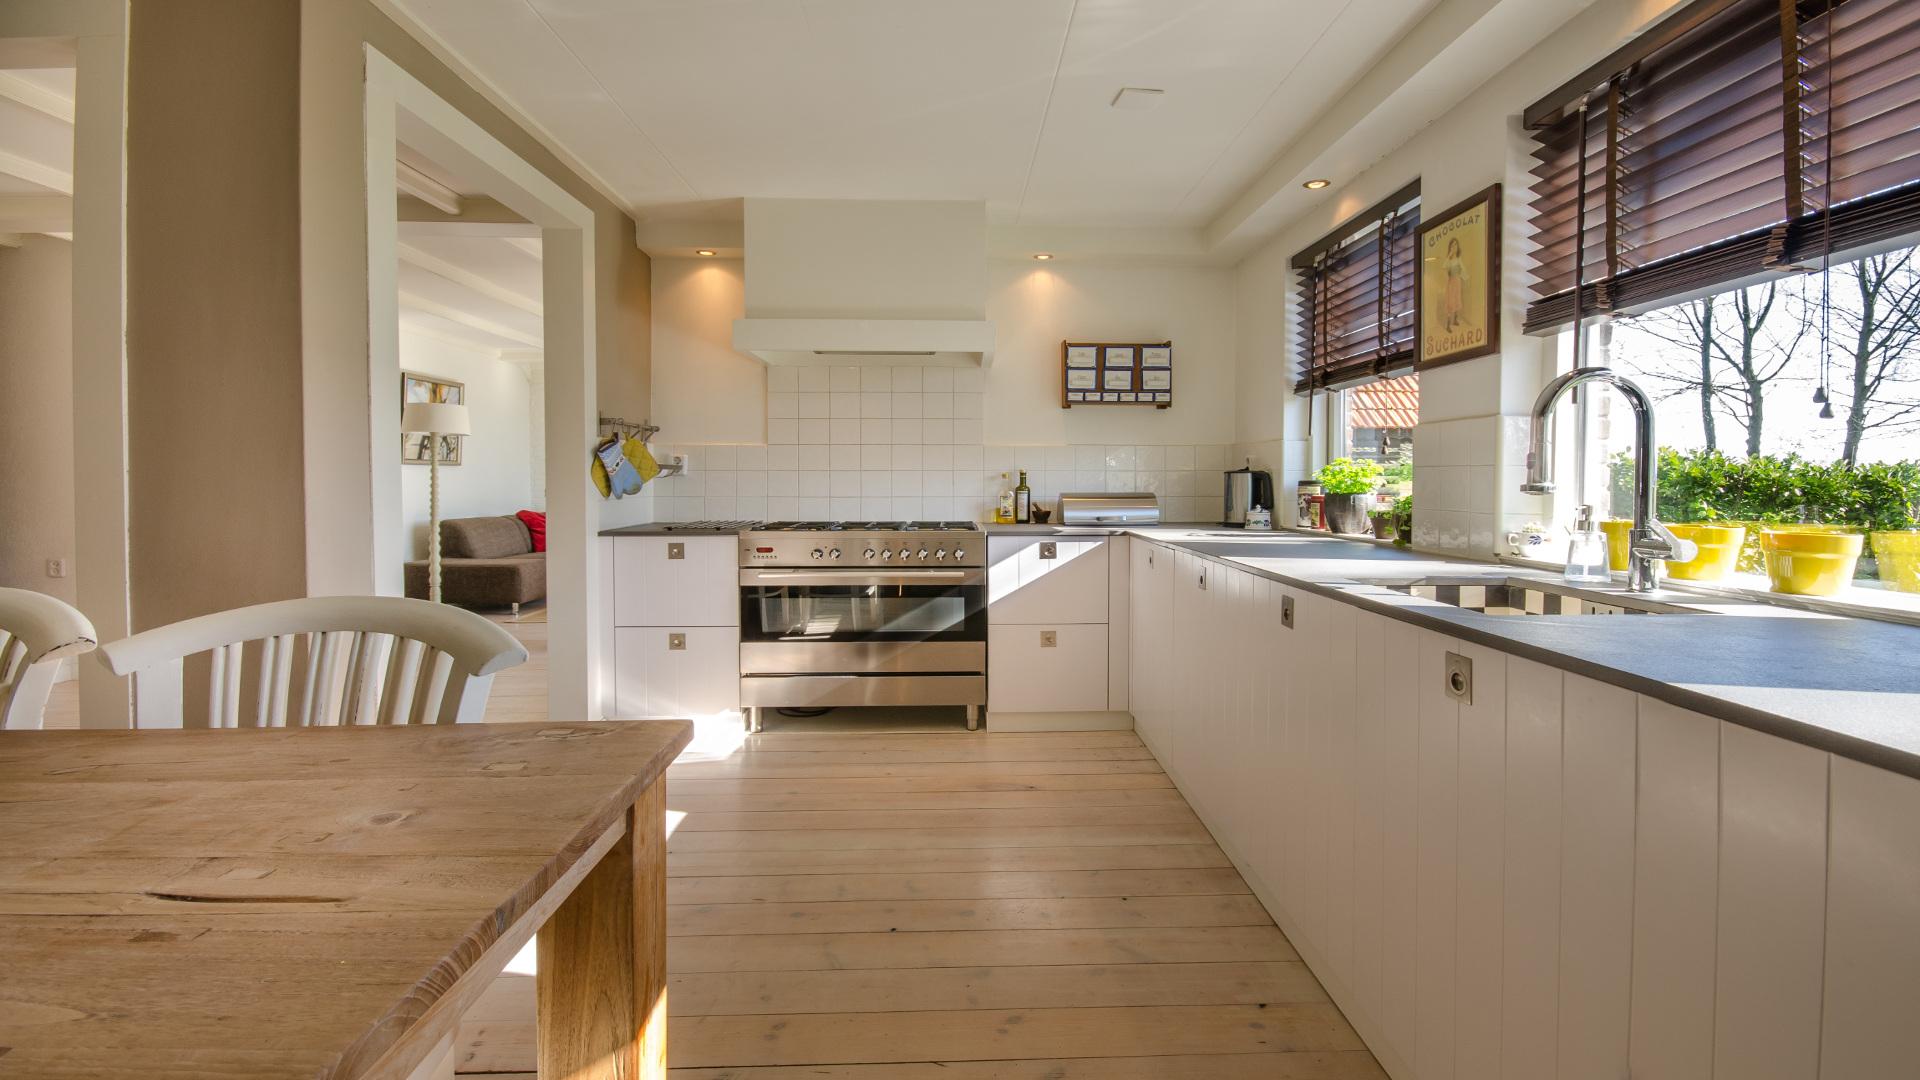 Qué sería de la cocina sin una mesa?